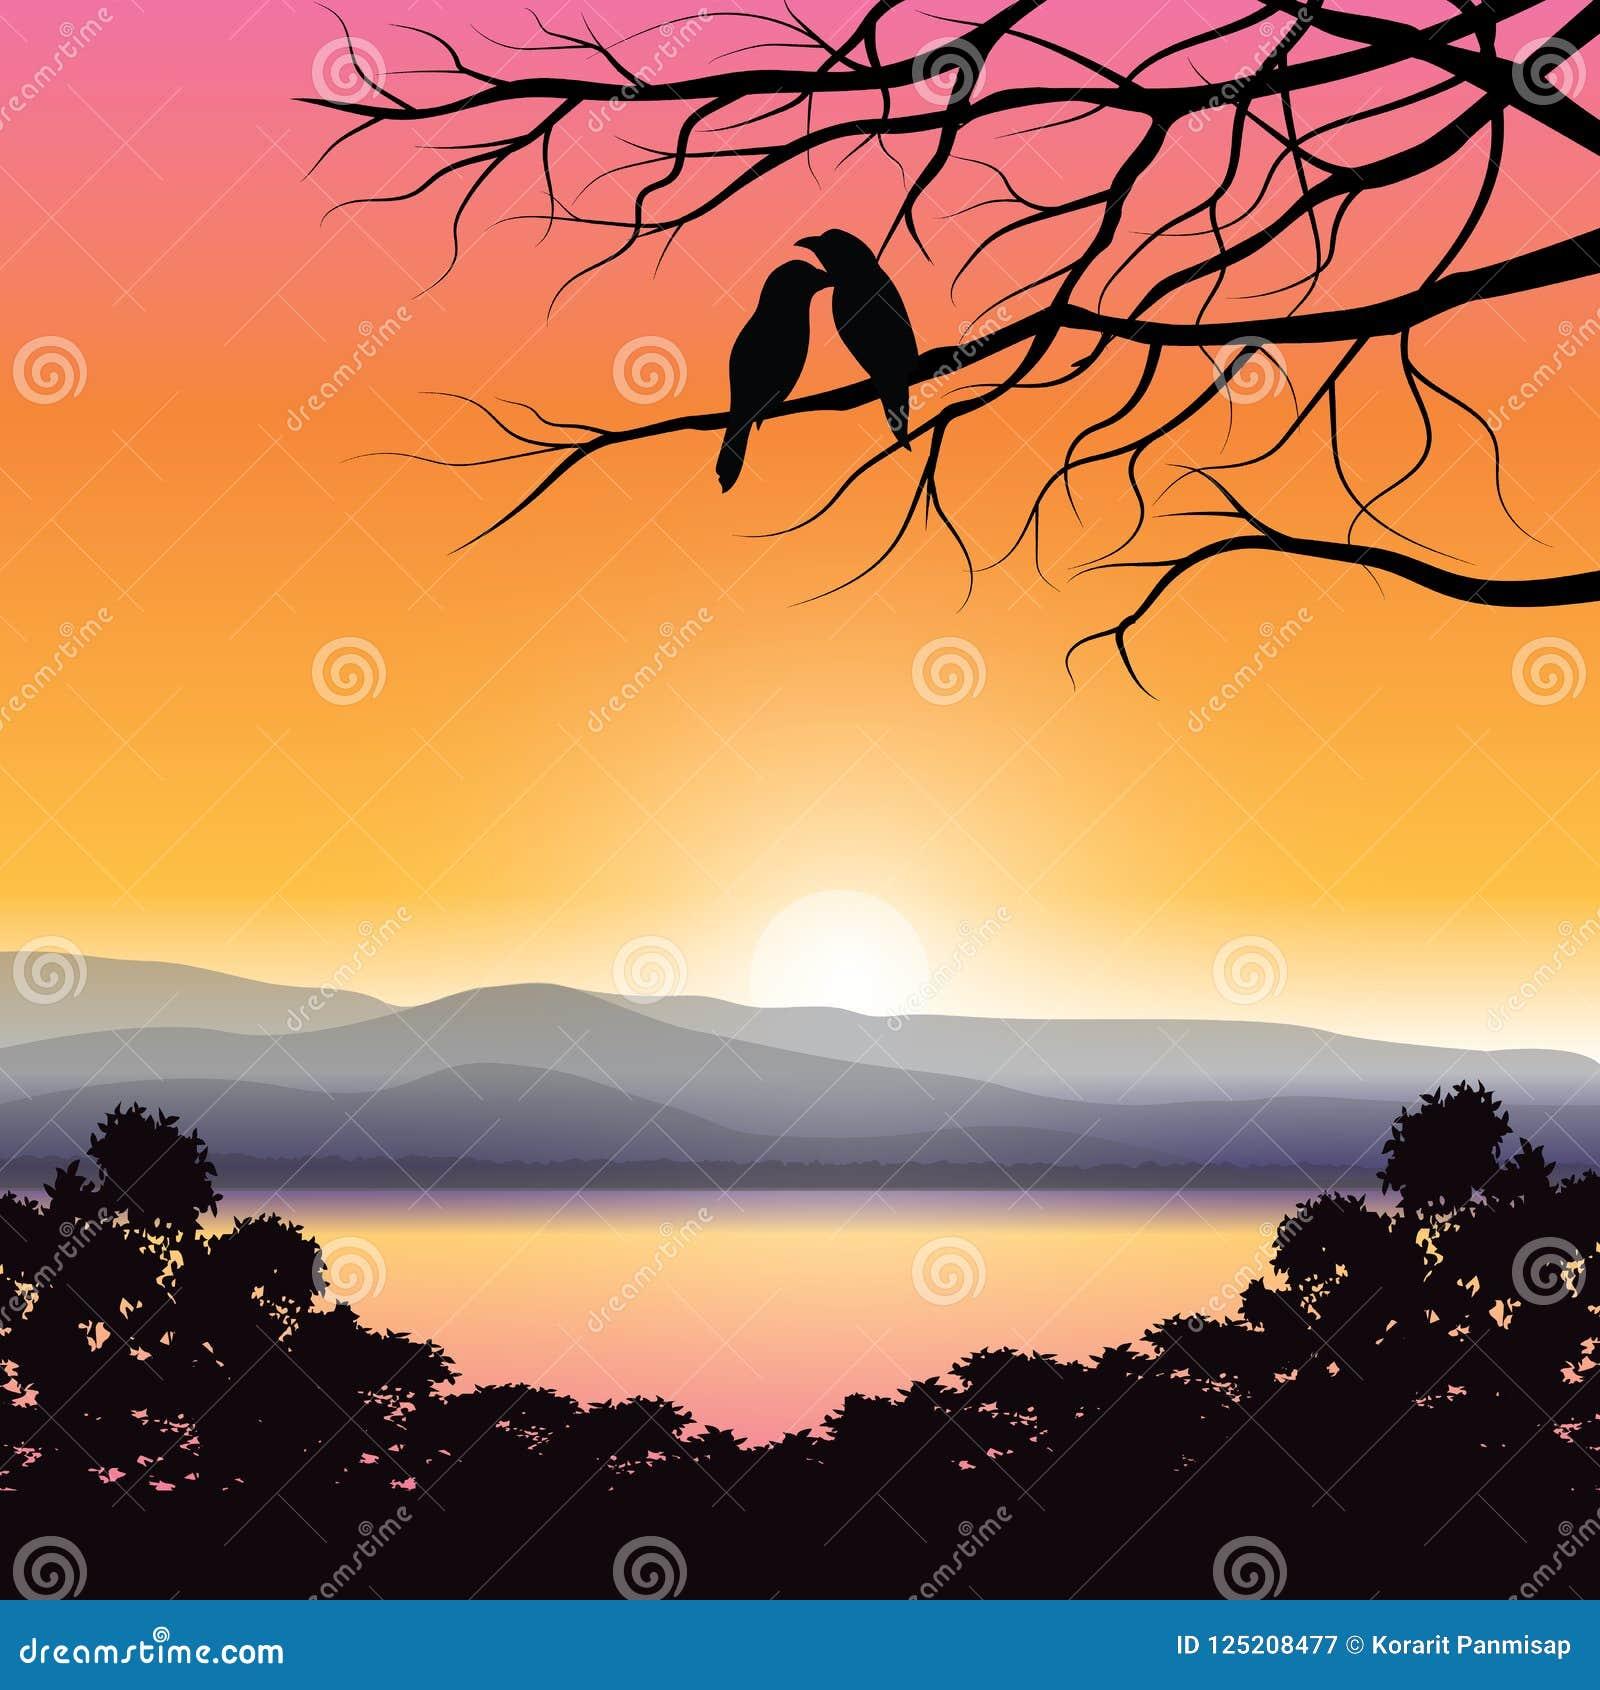 Vectorillustraties, Vogelminnaars